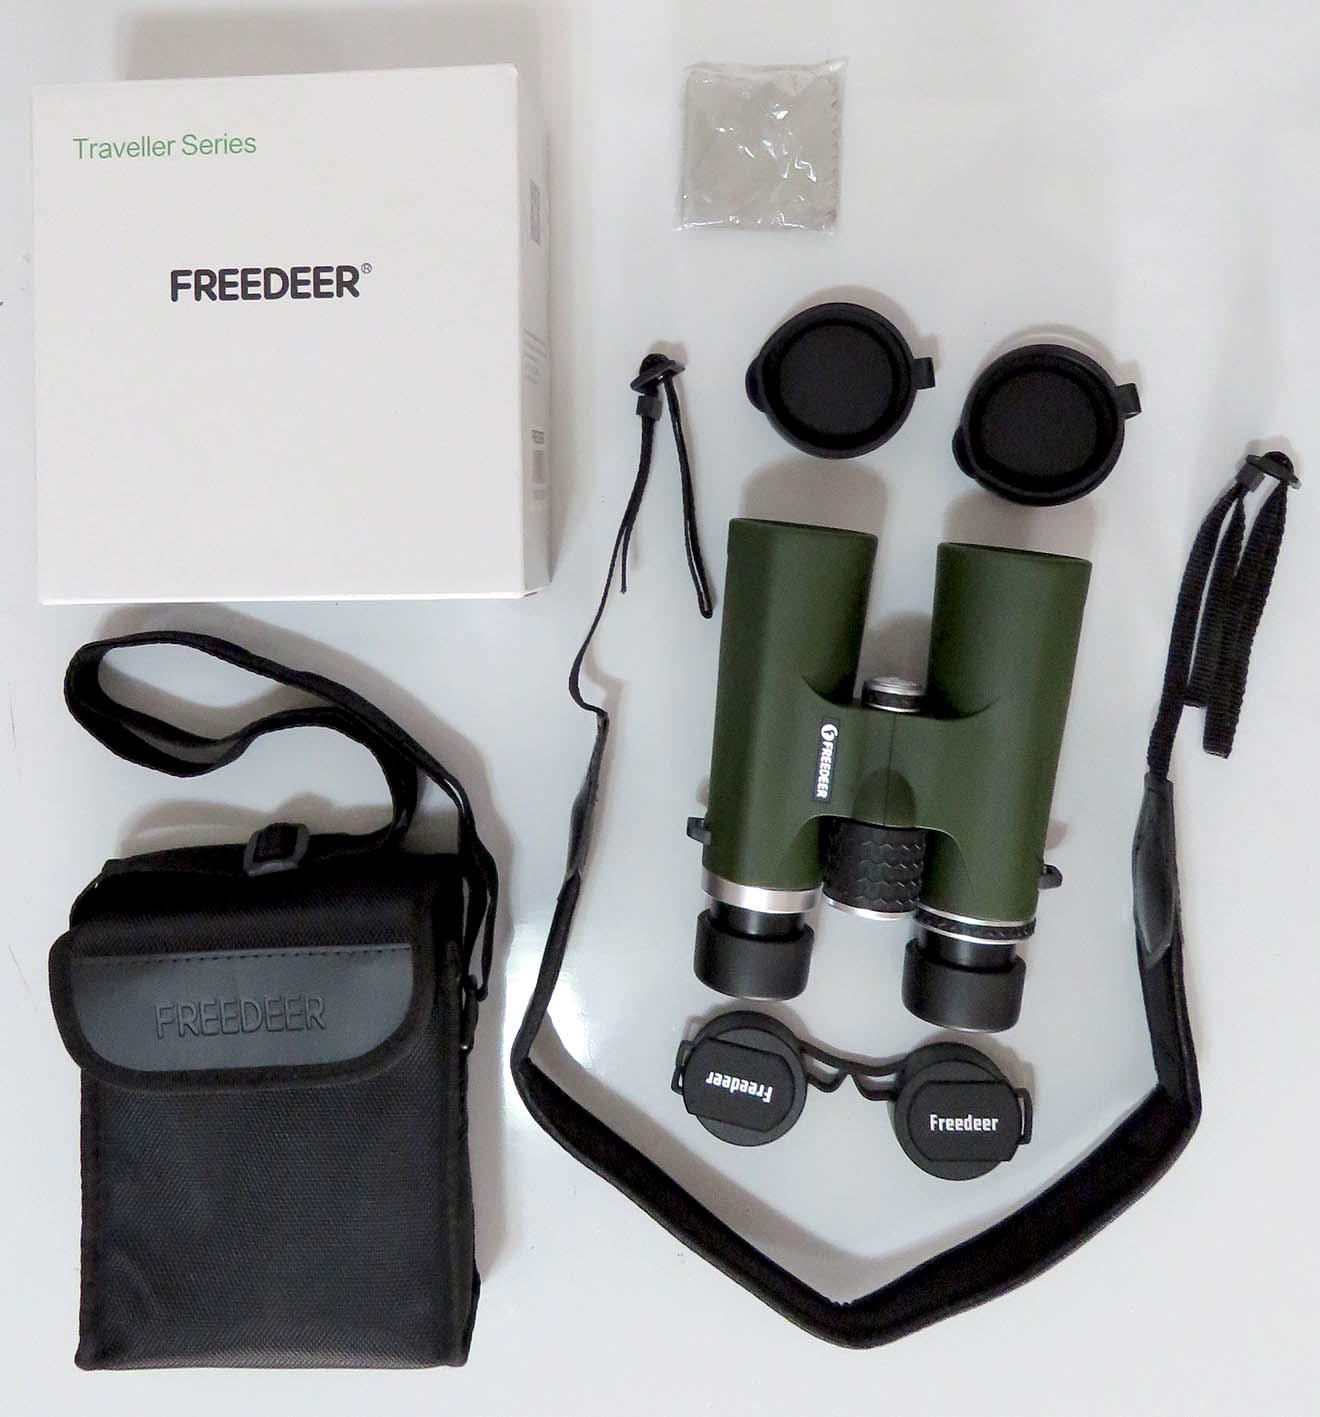 A linha Treveler Series 8x42 da Freeder apresenta binóculos compactos com boa luminosidade, sendo indicado para diversas atividades ao ar livre, como observação de aves, viagens e atividades esportivas. Disponível na Maritaca Store.